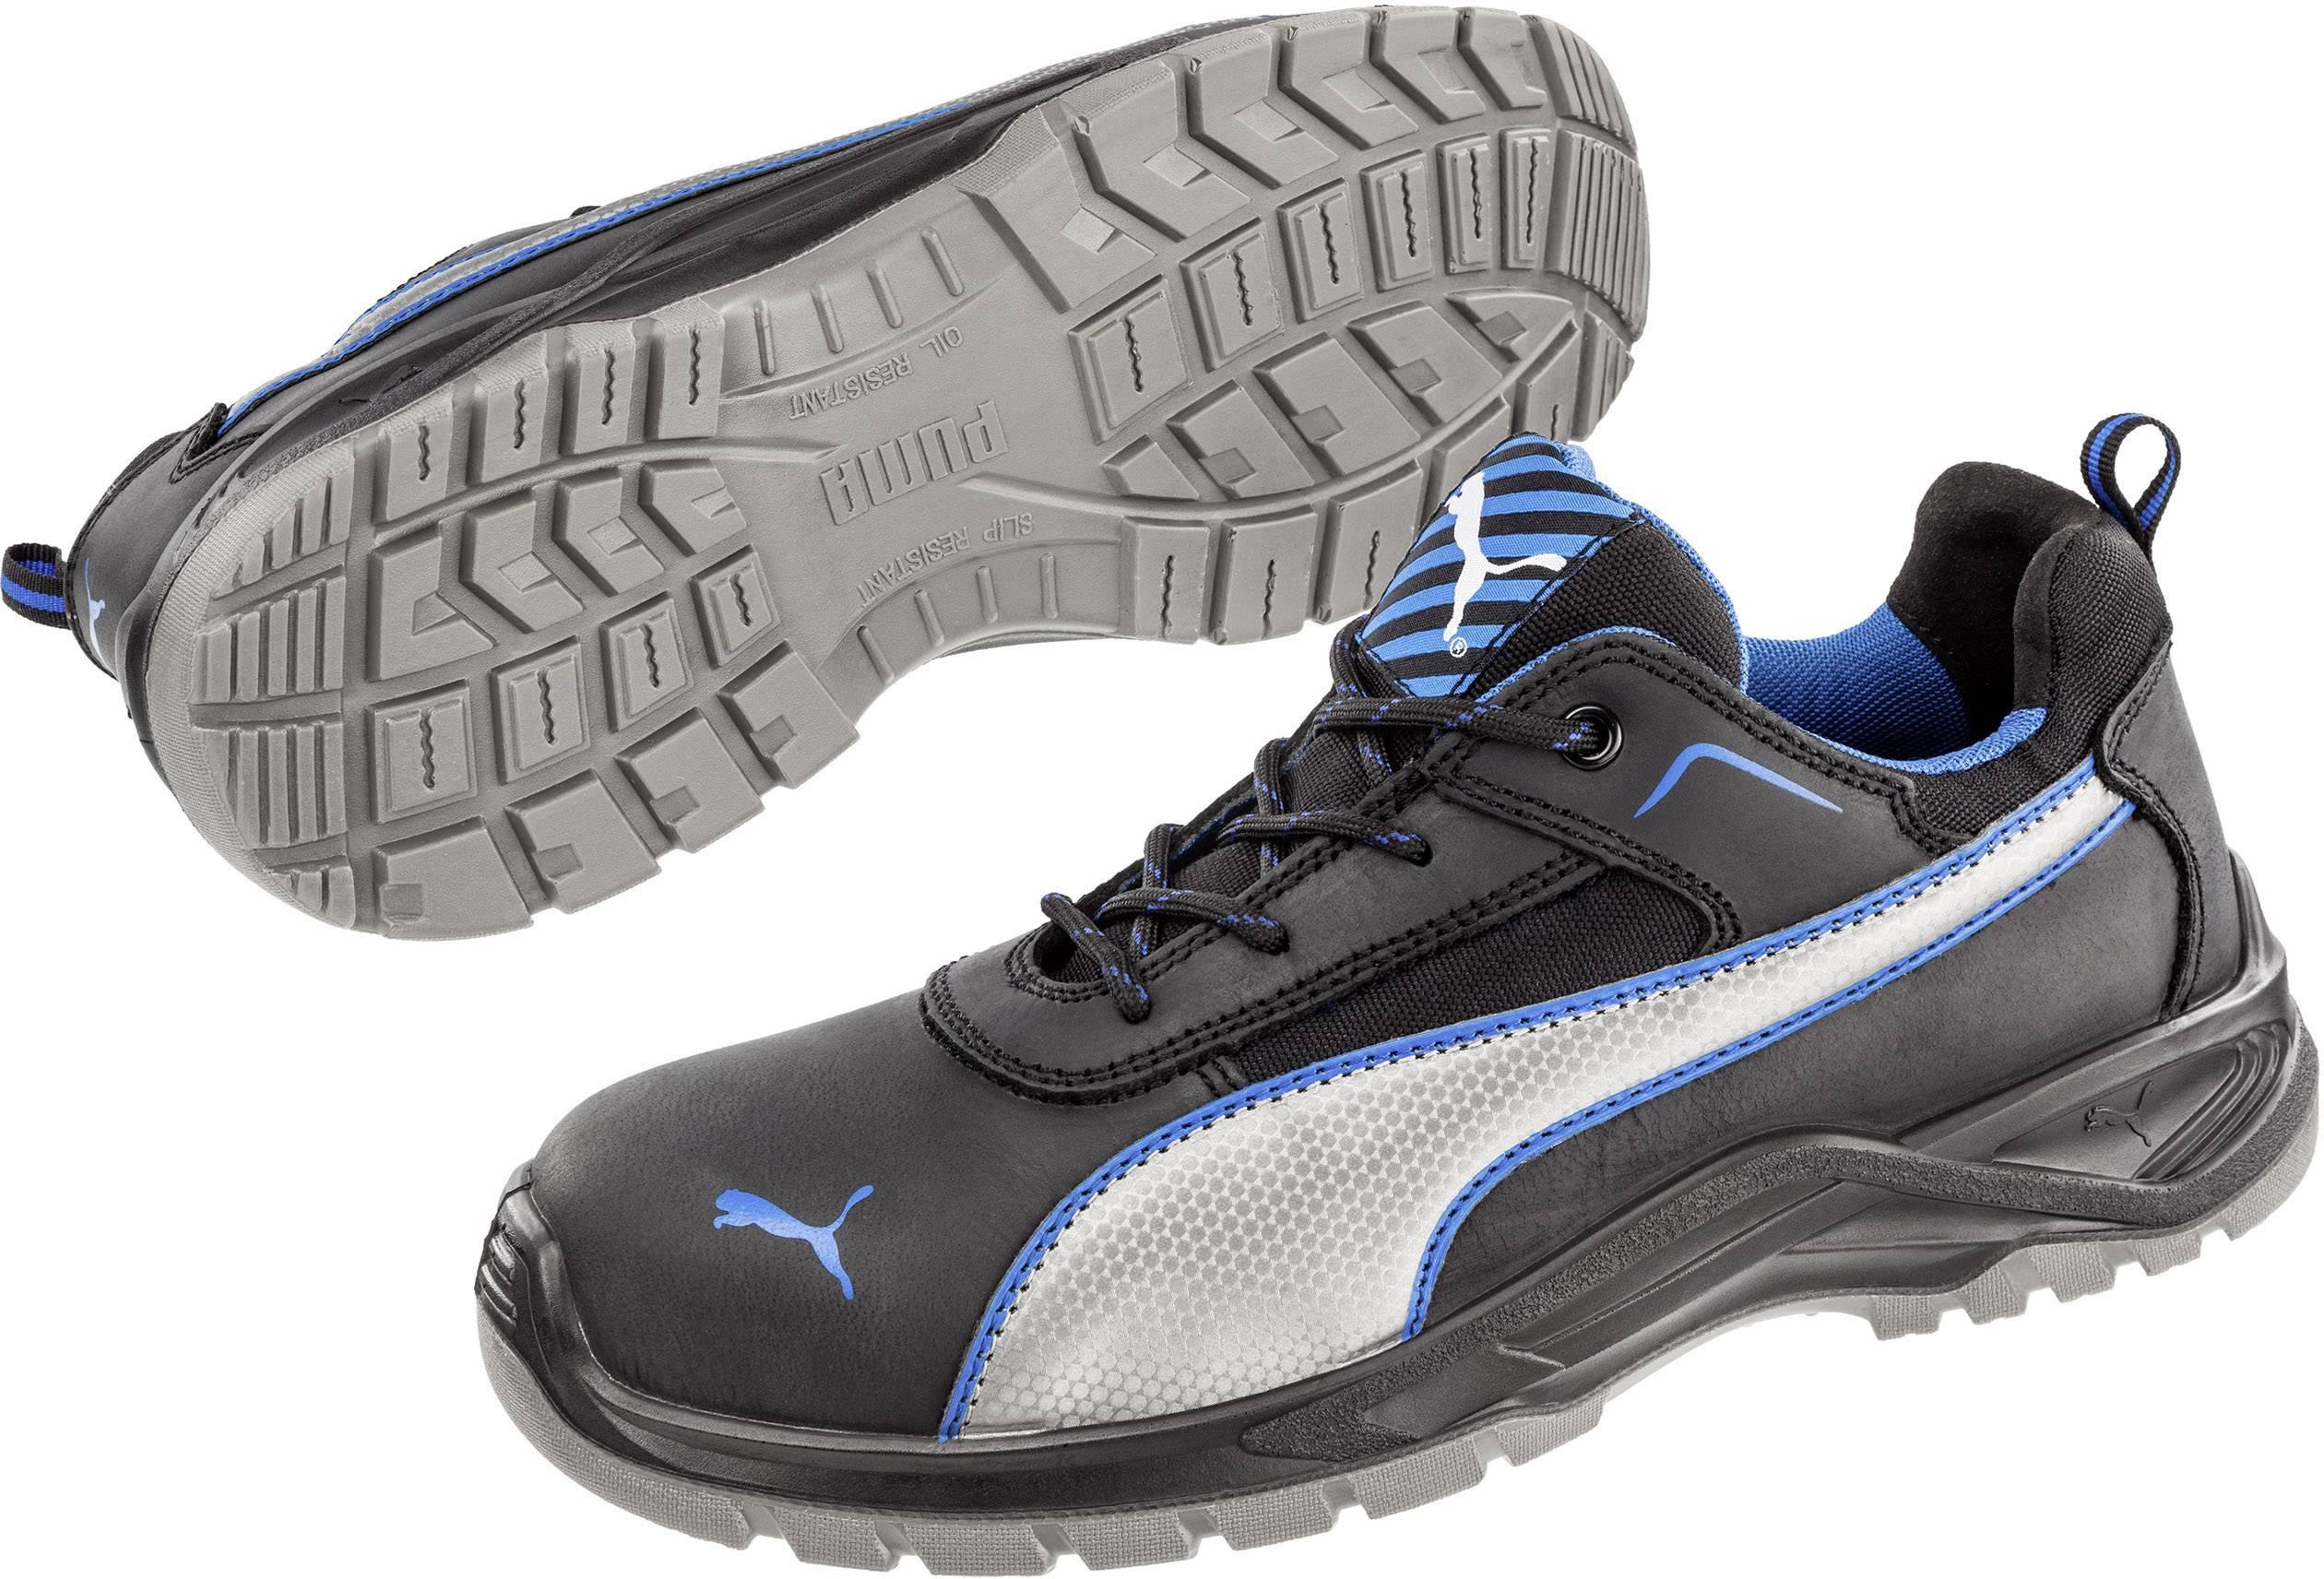 Bezpečnostní obuv S3 PUMA Safety Atomic Low SRC 643600-41, vel.: 41, černá, modrá, stříbrná, 1 pár